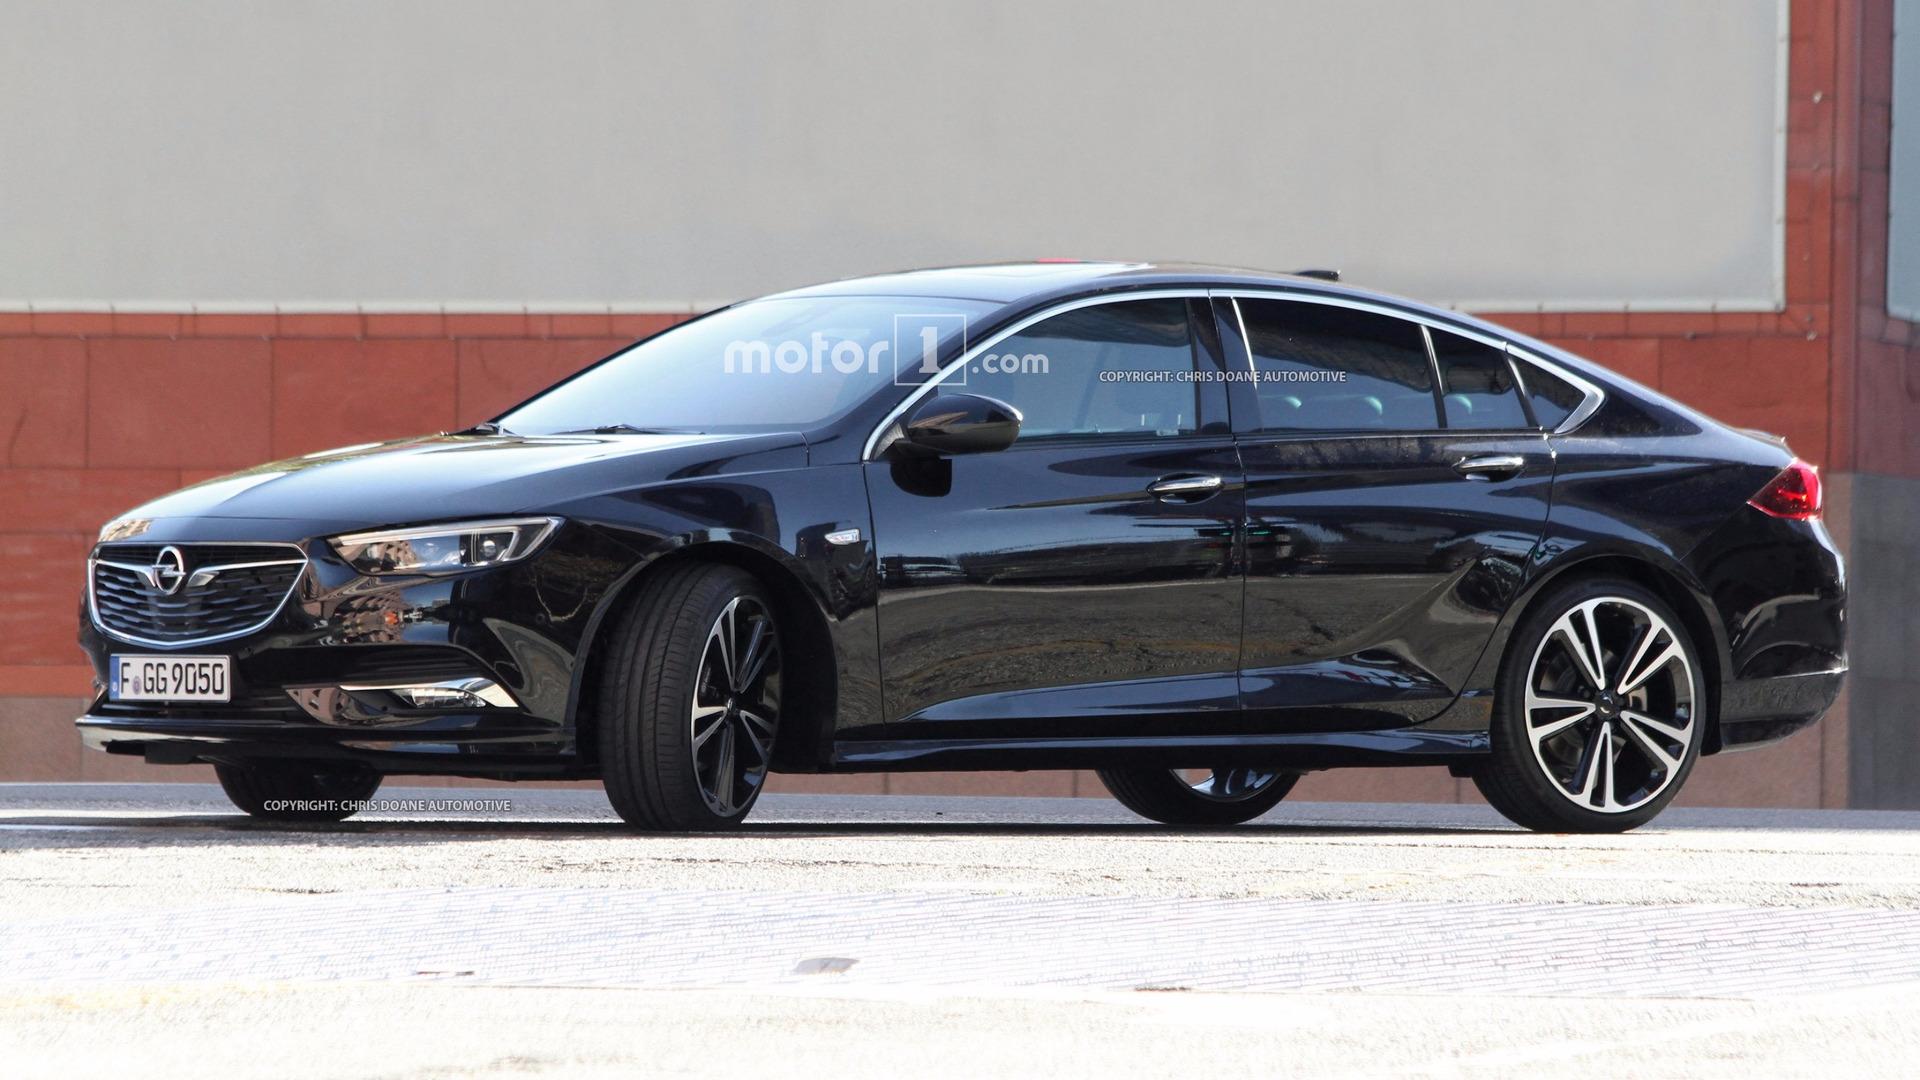 Flagra Opel Insignia 2017 Seda E Perua Motor1 Com Fotos